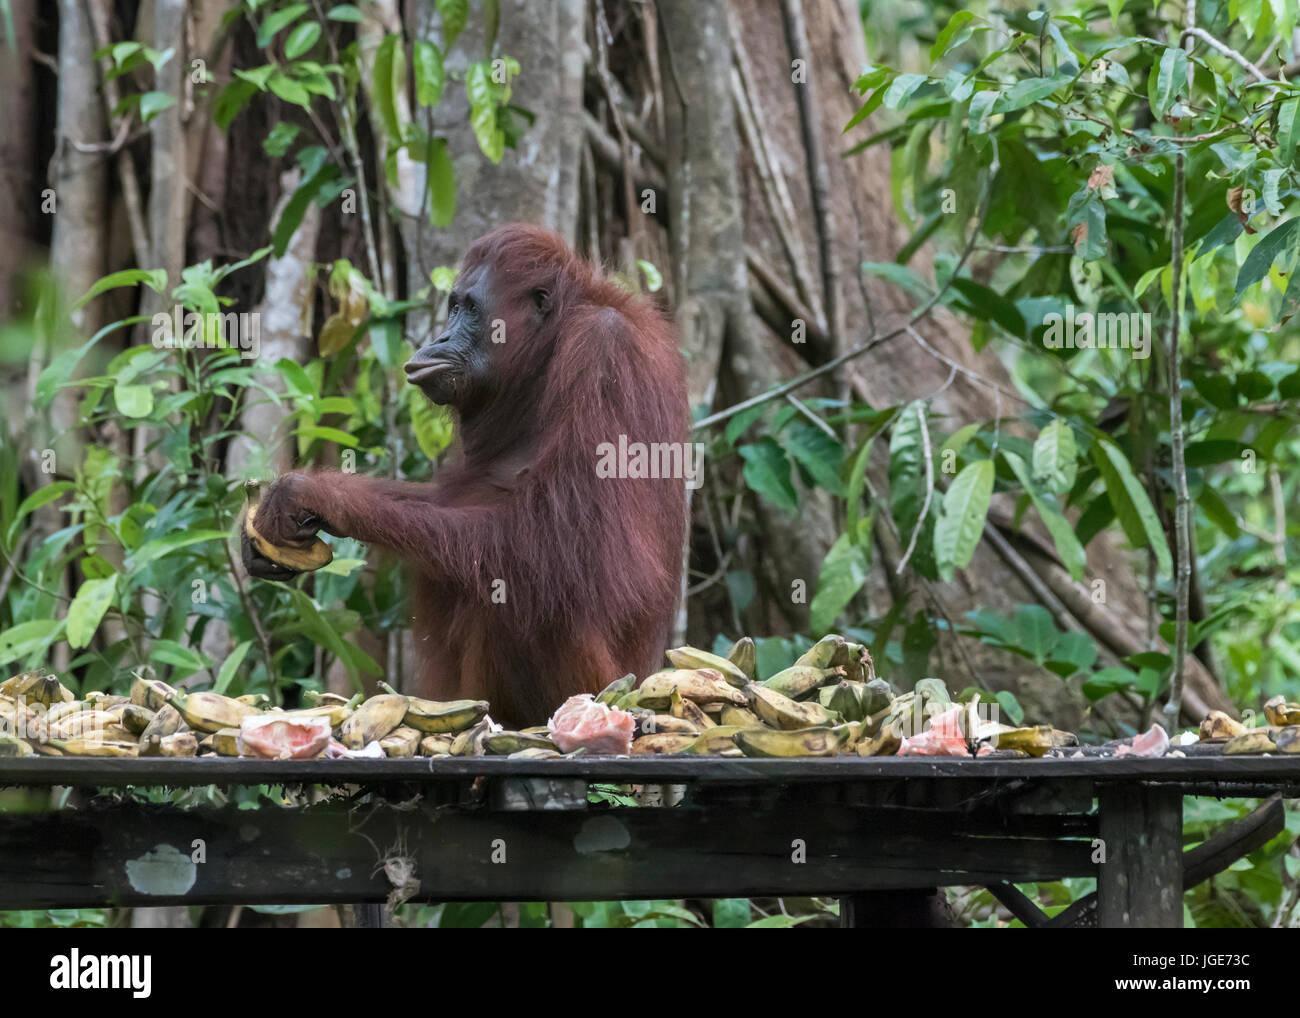 Jugendliche Orang-utan an einer Futterstelle, Tanjung Puting NP, Indonesien Stockbild